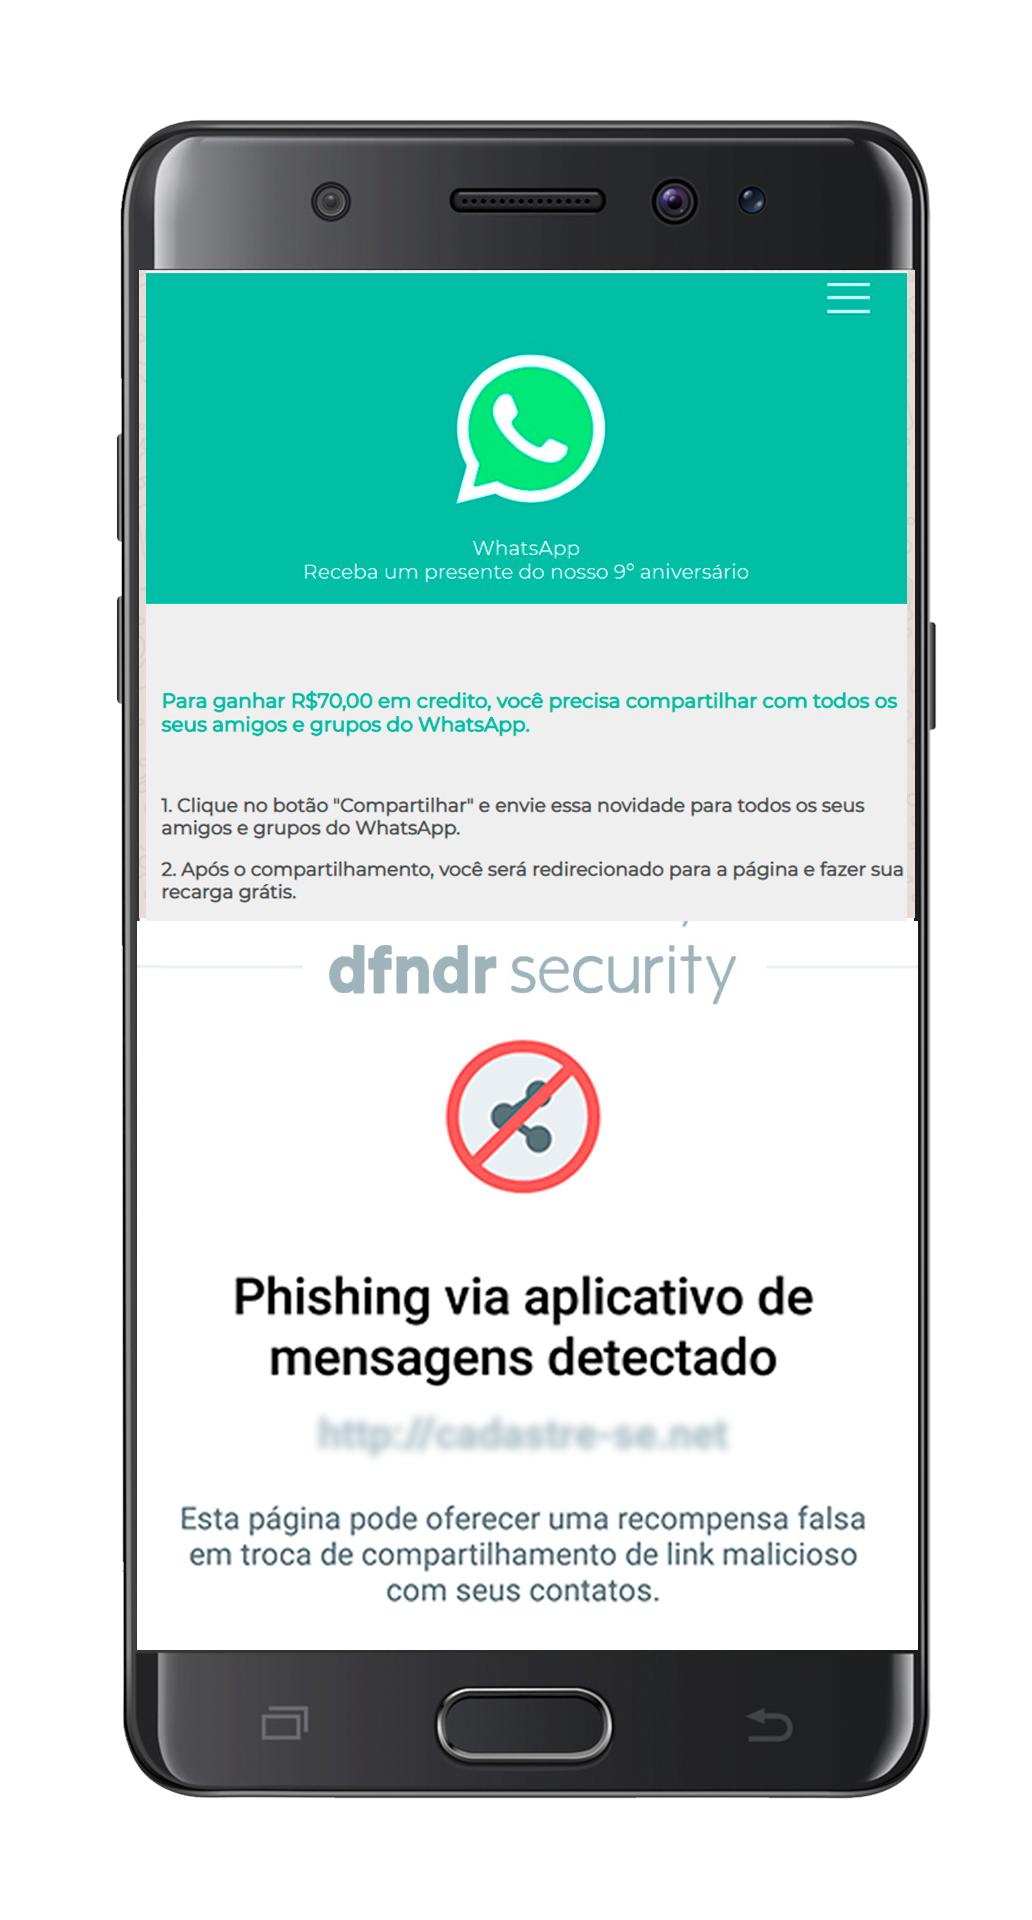 exemplo de detecção de phishing feita pelo dfndr security